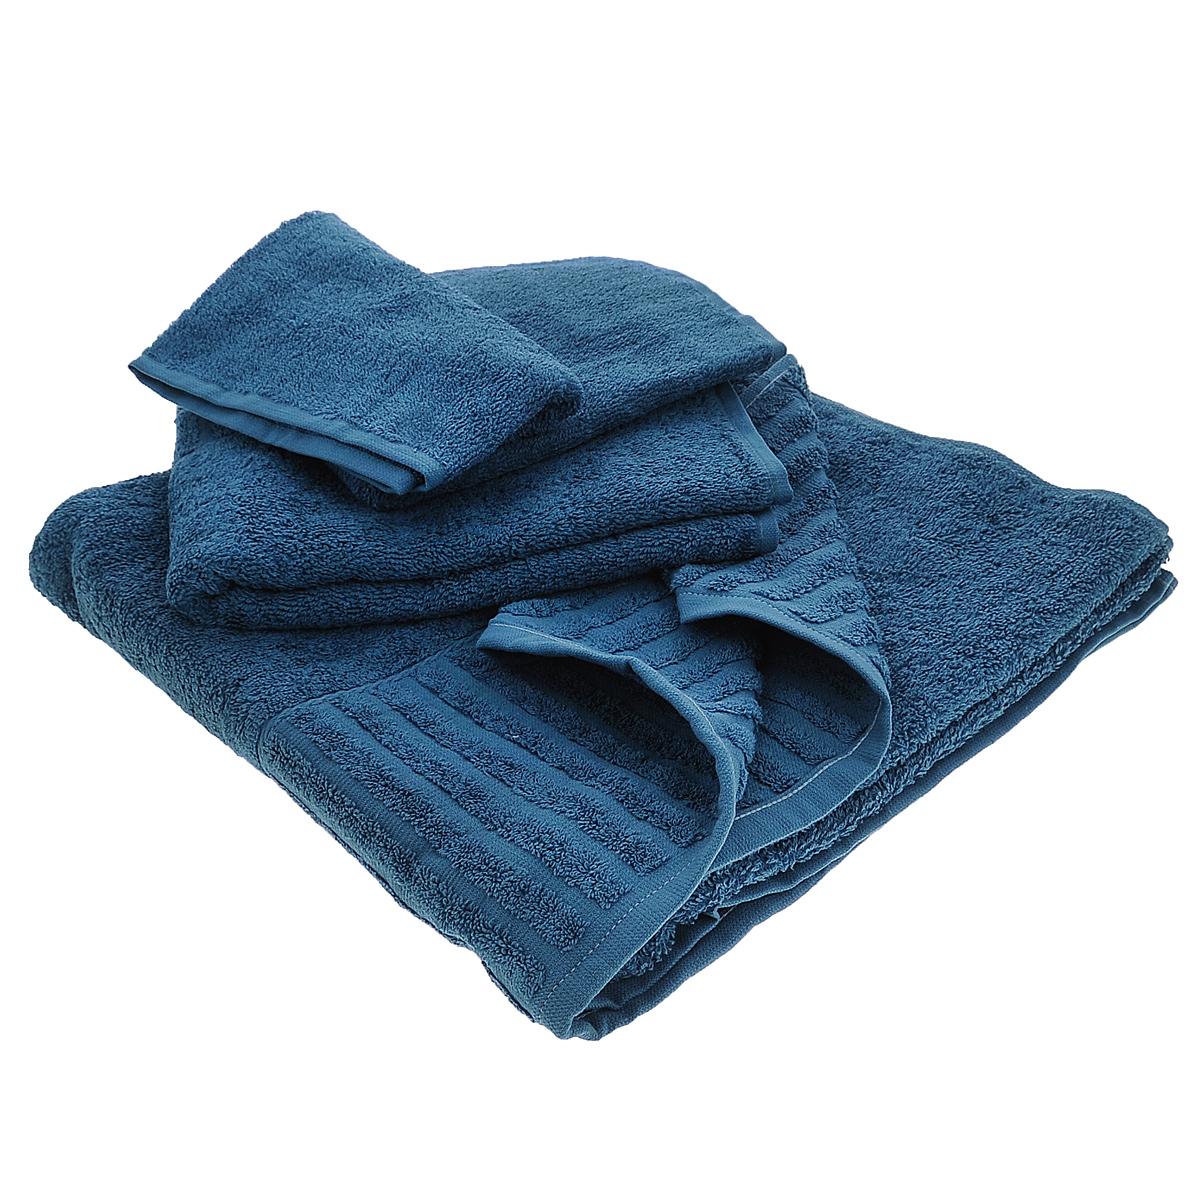 Набор махровых полотенец Bonita, цвет: черничный, 3 шт68/5/3Набор Bonita состоит из трех полотенец разного размера, выполненных из натурального хлопка. Такие полотенца отлично впитывают влагу, быстро сохнут, сохраняют яркость цвета и не теряют формы даже после многократных стирок. Полотенца очень практичны и неприхотливы в уходе. Размер полотенец: 40 см х 70 см; 50 см х 90 см; 70 см х 140 см.